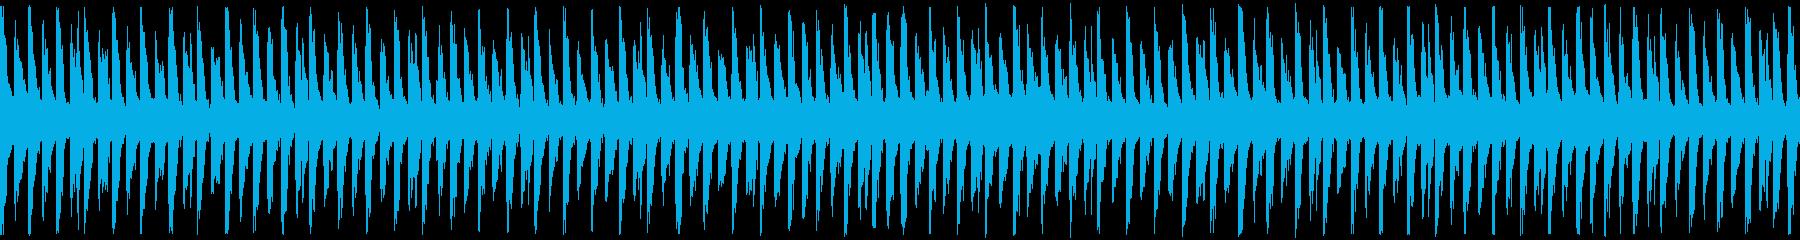 【ループ再生】希望・ポジティブな曲の再生済みの波形